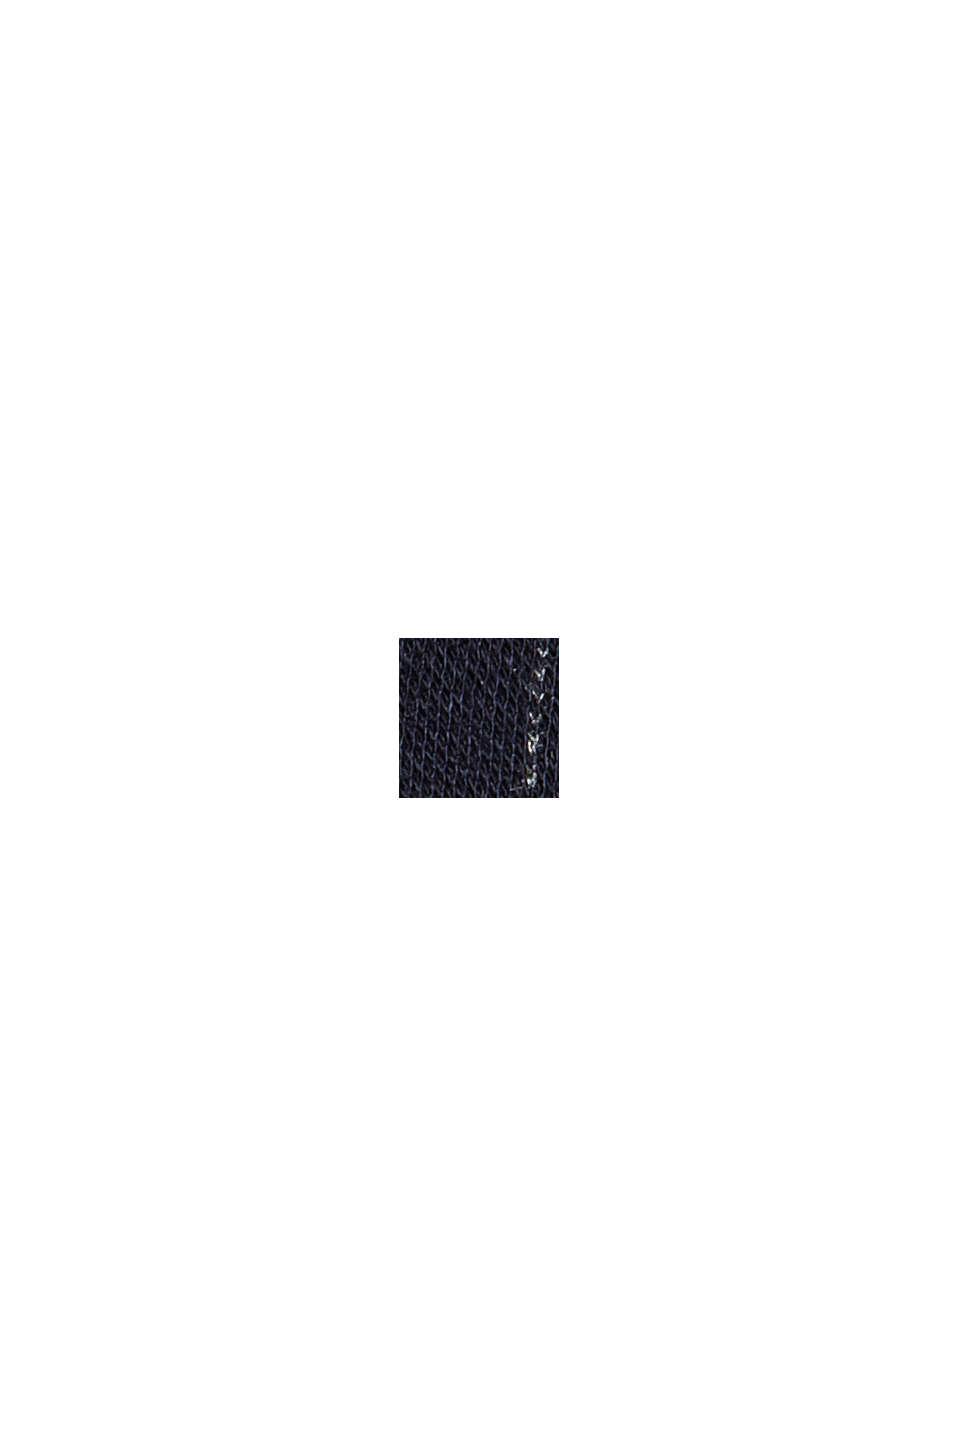 PINSTRIPE Mix + Match Żakiet w dresowym stylu, NAVY, swatch